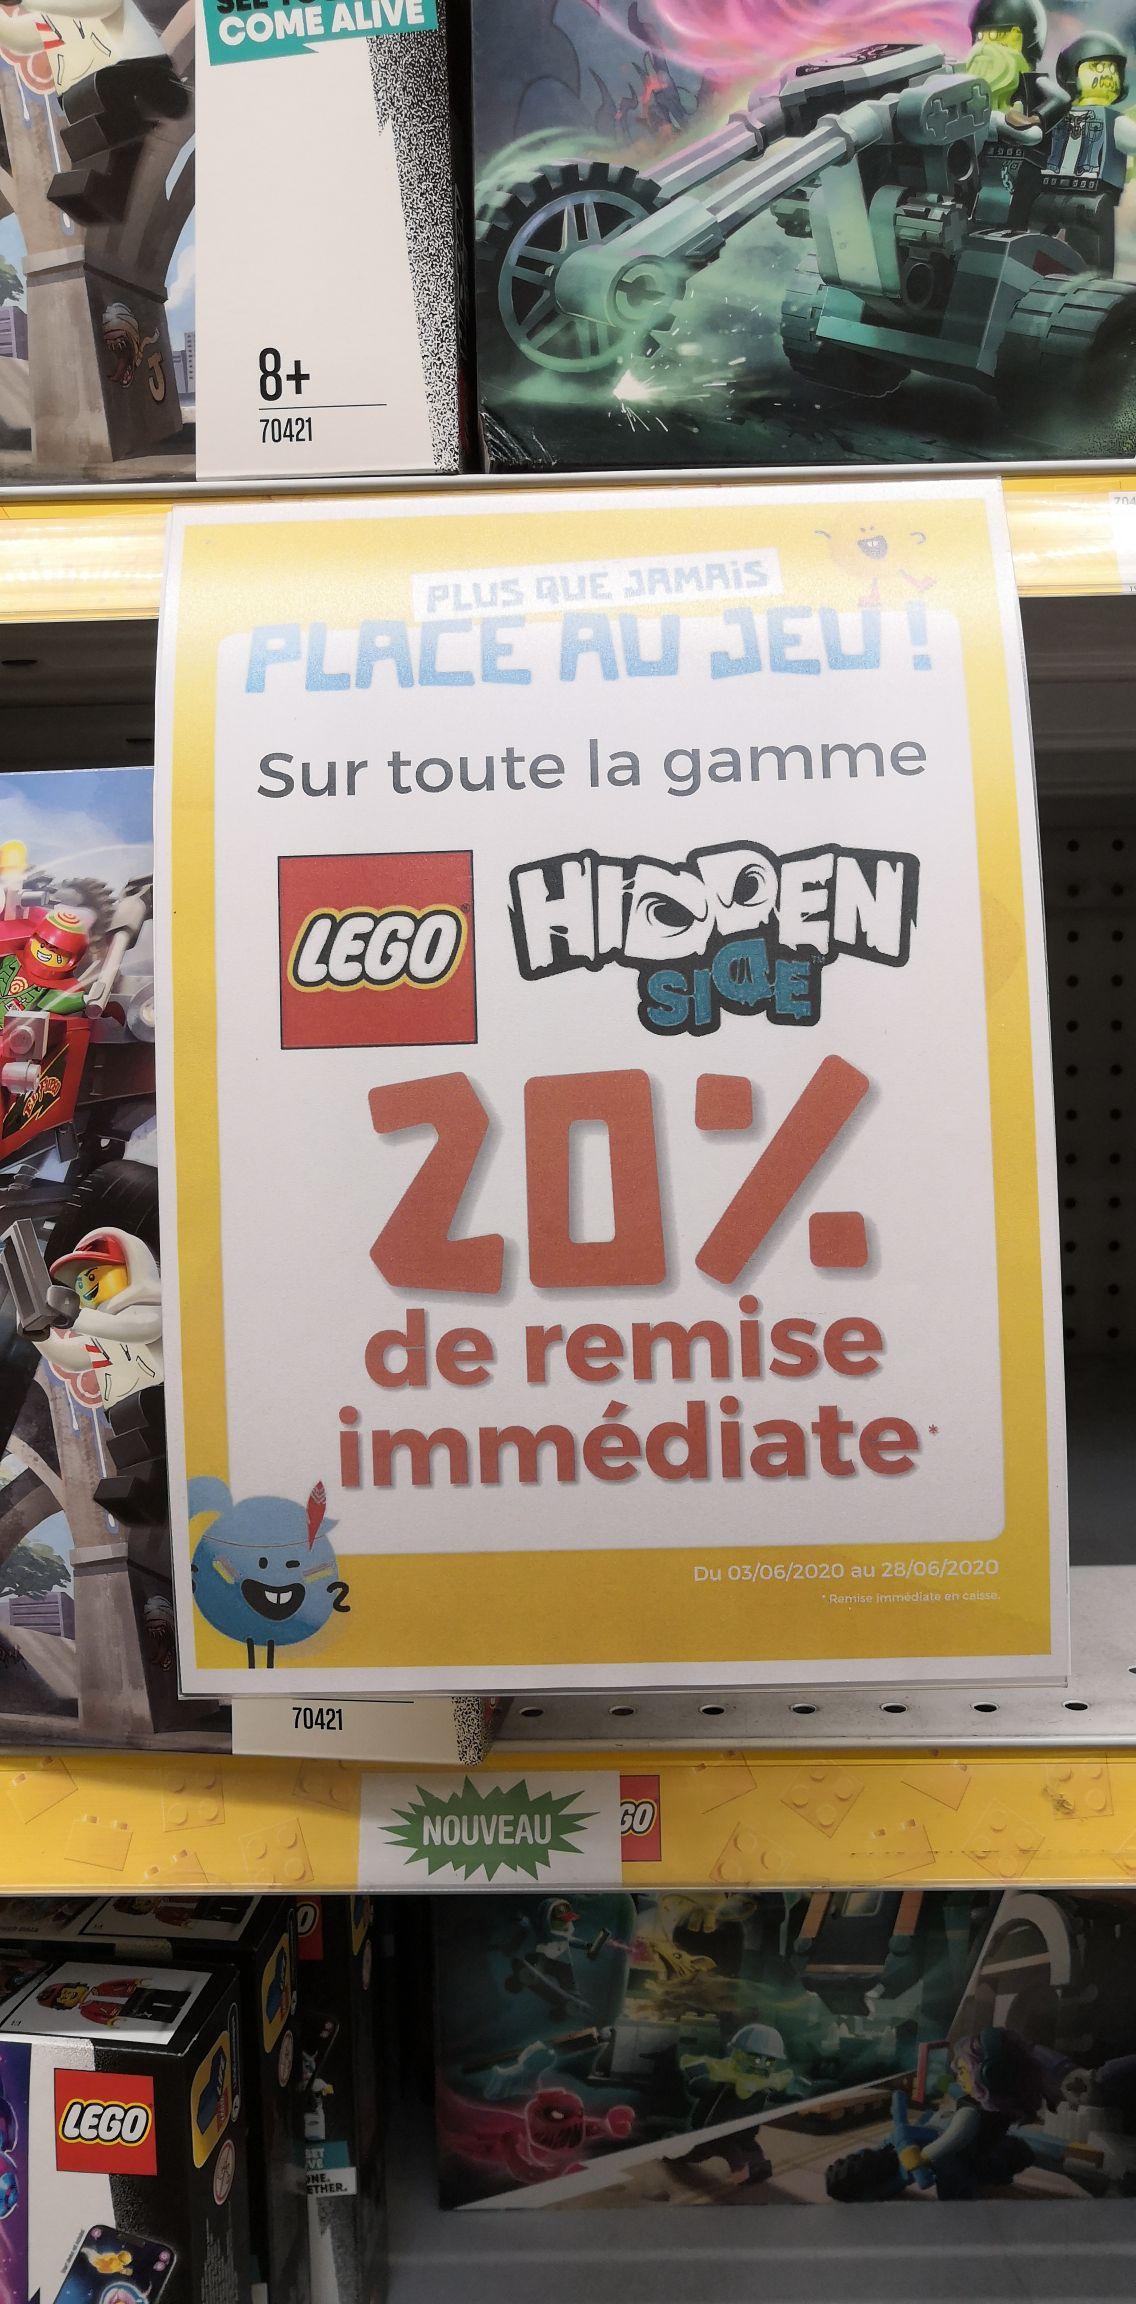 20% de réduction sur la gamme Lego Hidden side - PicWicToys national (édité ^^)